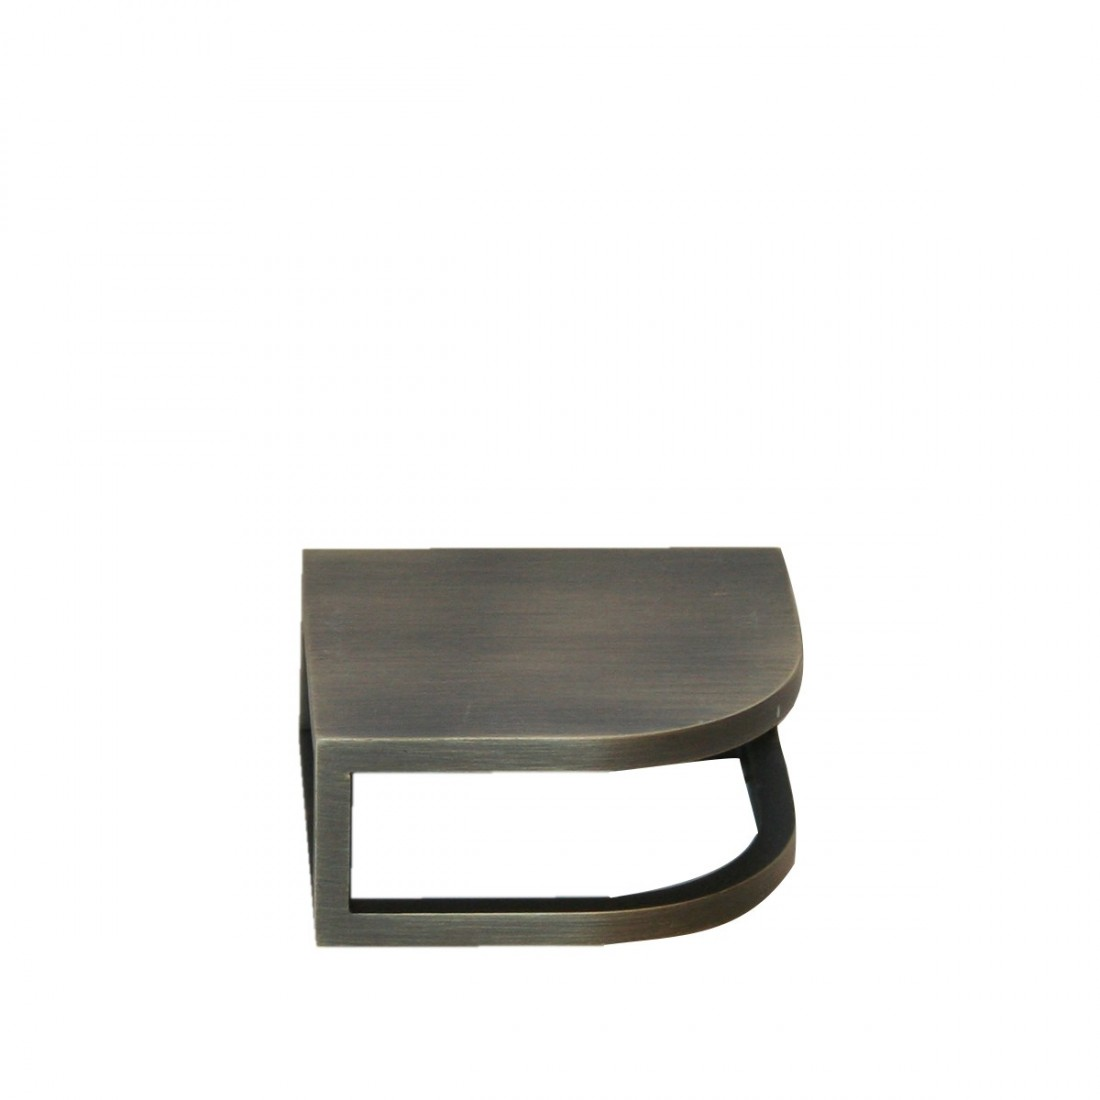 Peana de exposición para anillo cuadradas y minimalistas. Serie Qatar.